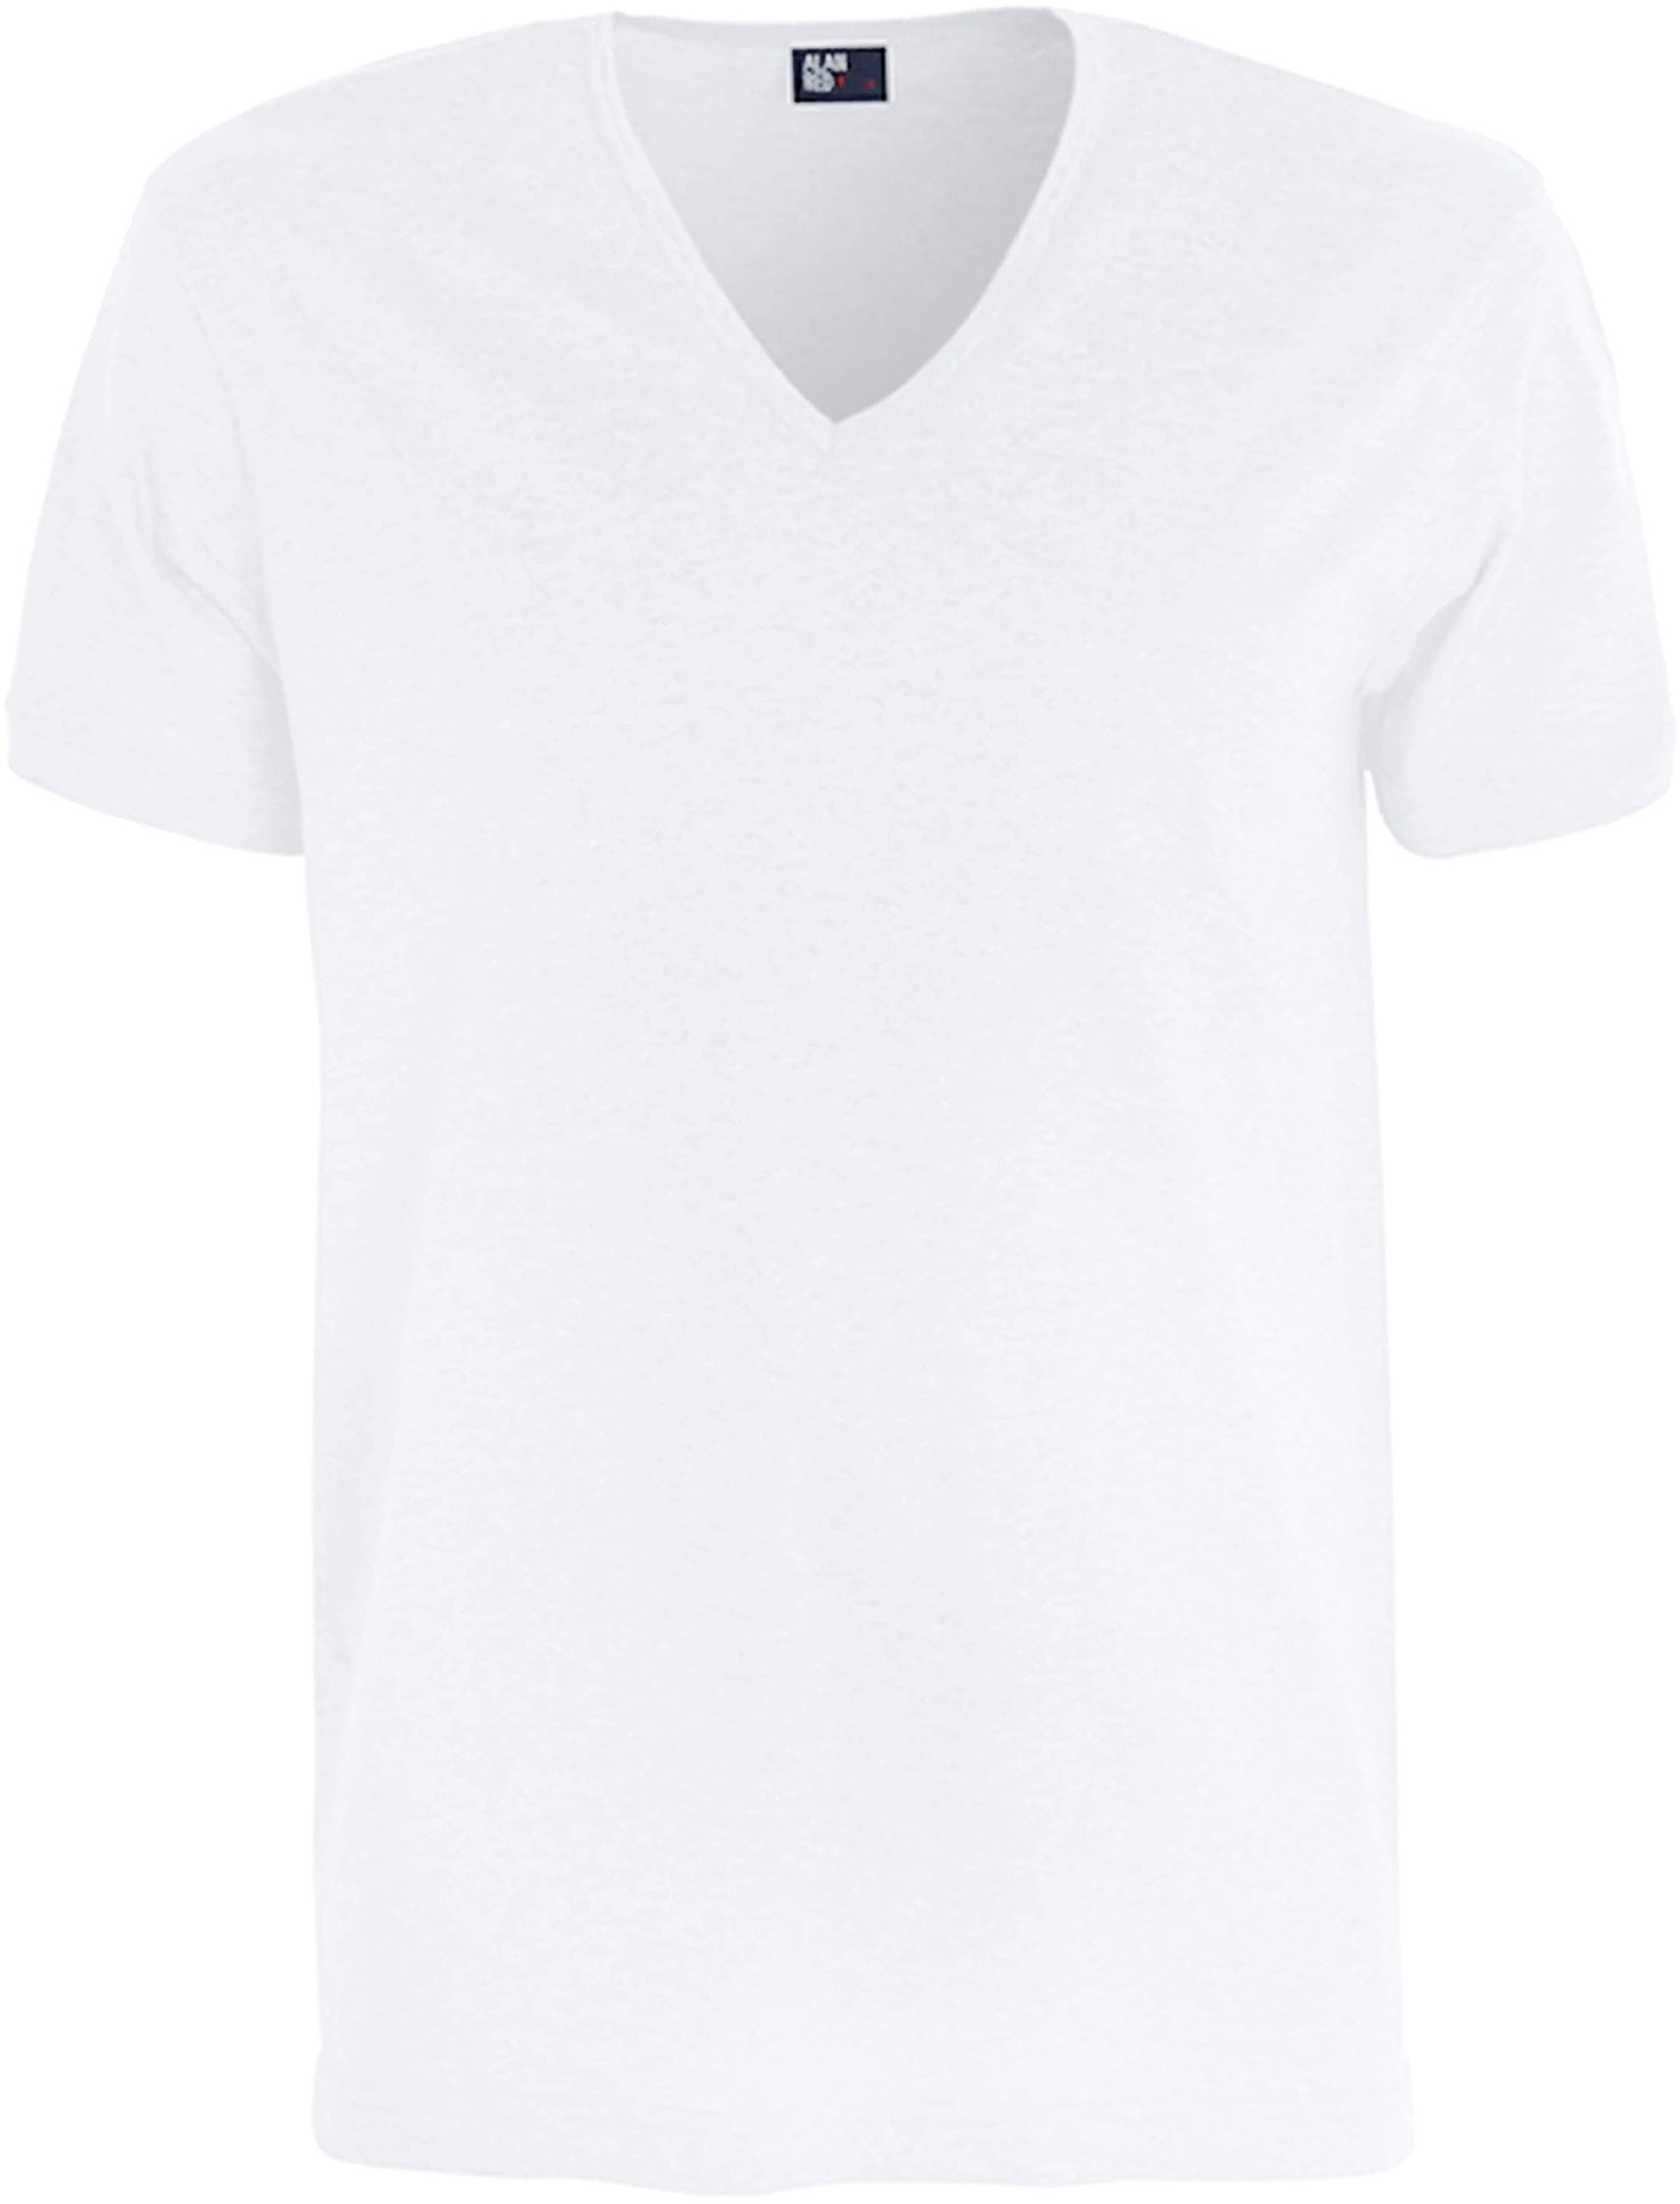 Alan Red Verner T-shirt Diepe V-Hals Wit (1Pack) foto 0